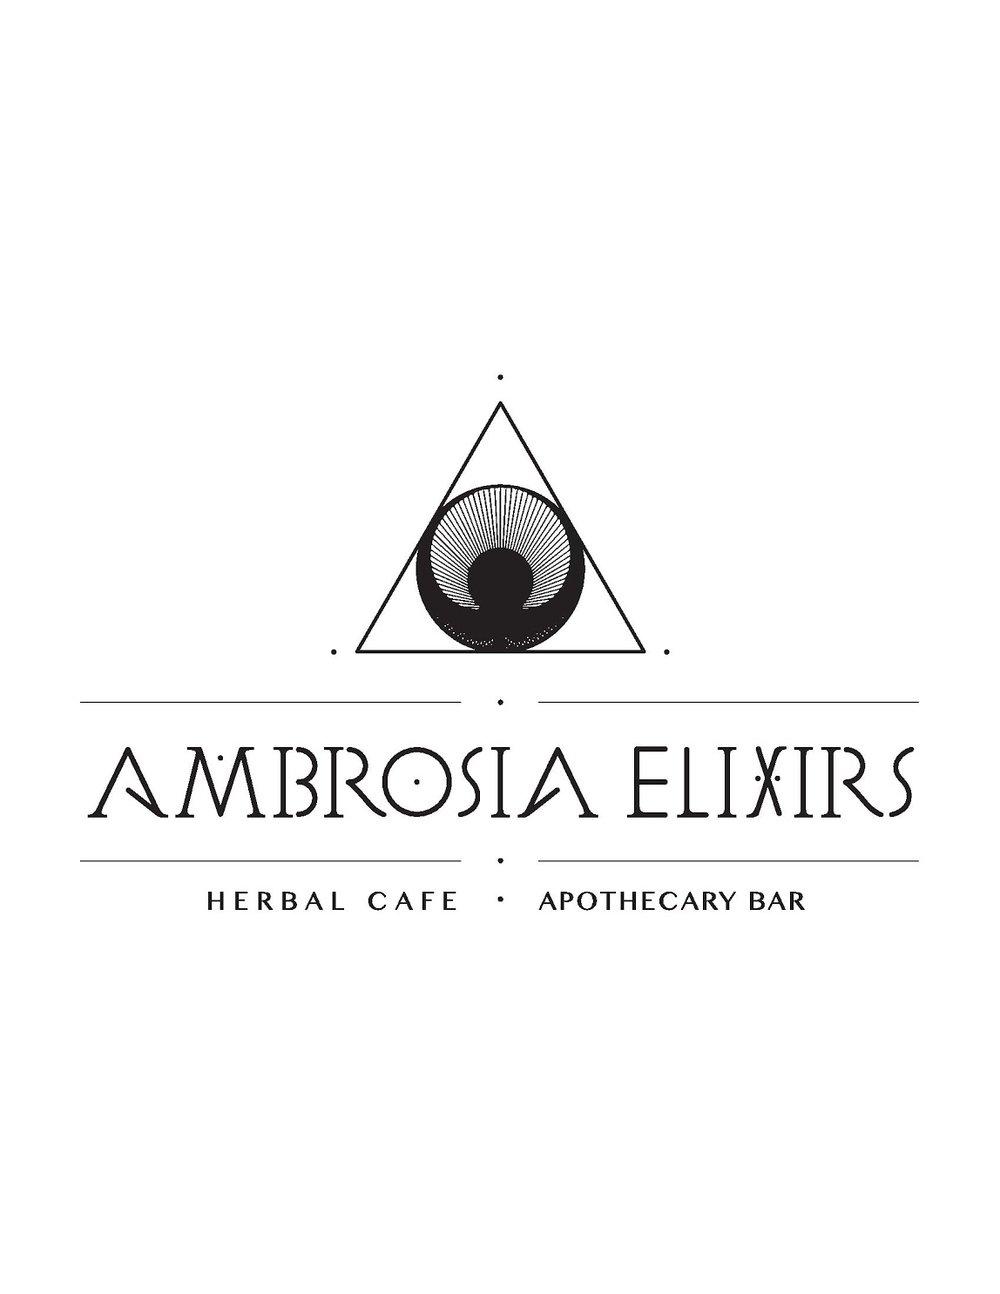 AMBROSIA_FINAL_LOGO.jpg